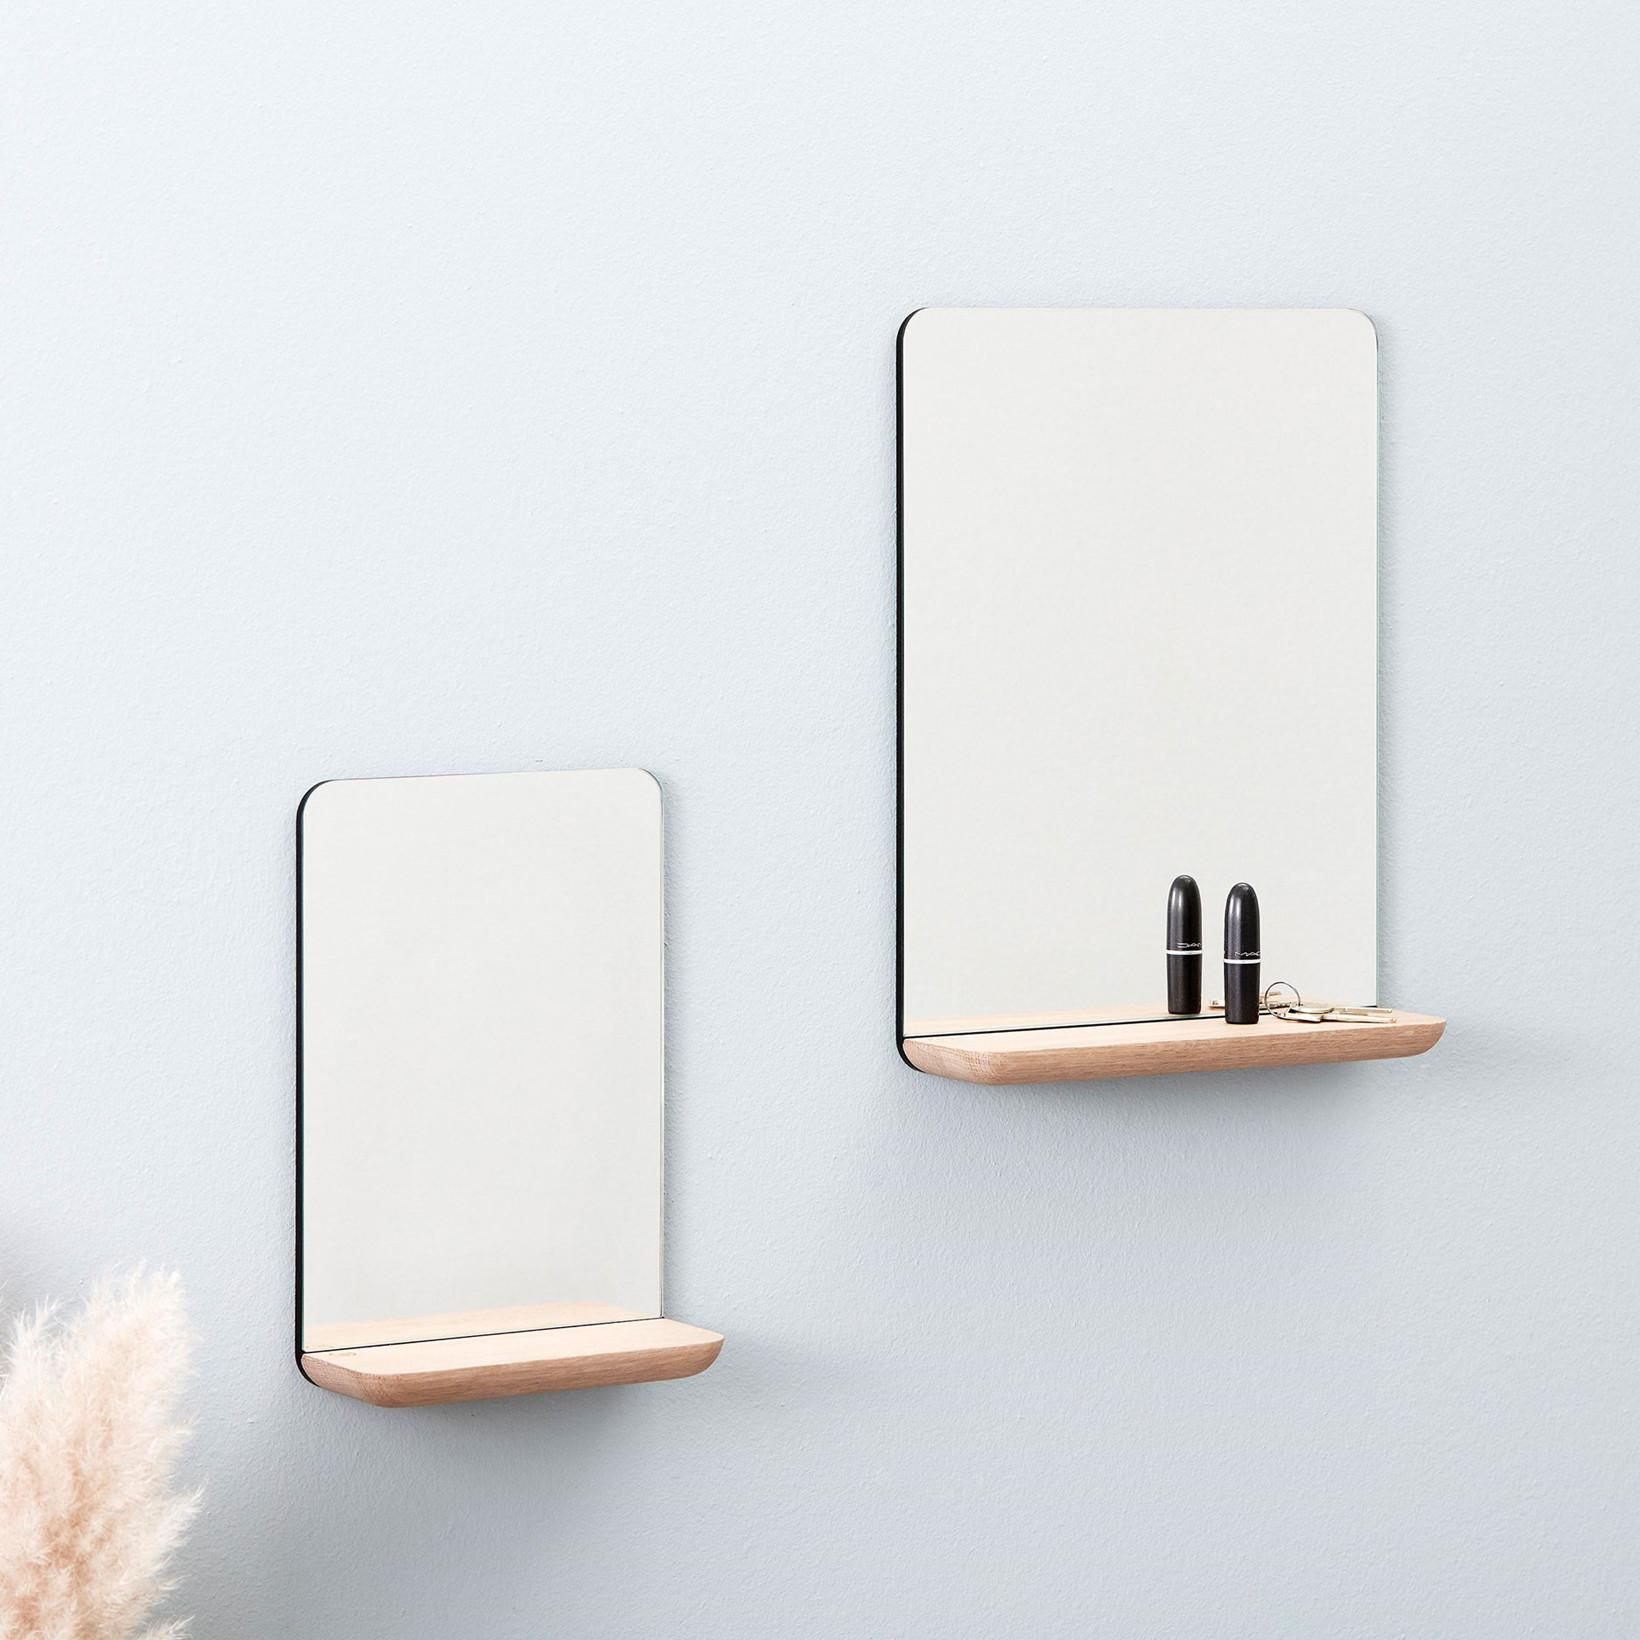 Kob Andersen Furniture A Wall Mirror Small Oak Lige Her Laekker Kvalitet Hurtig Fragt